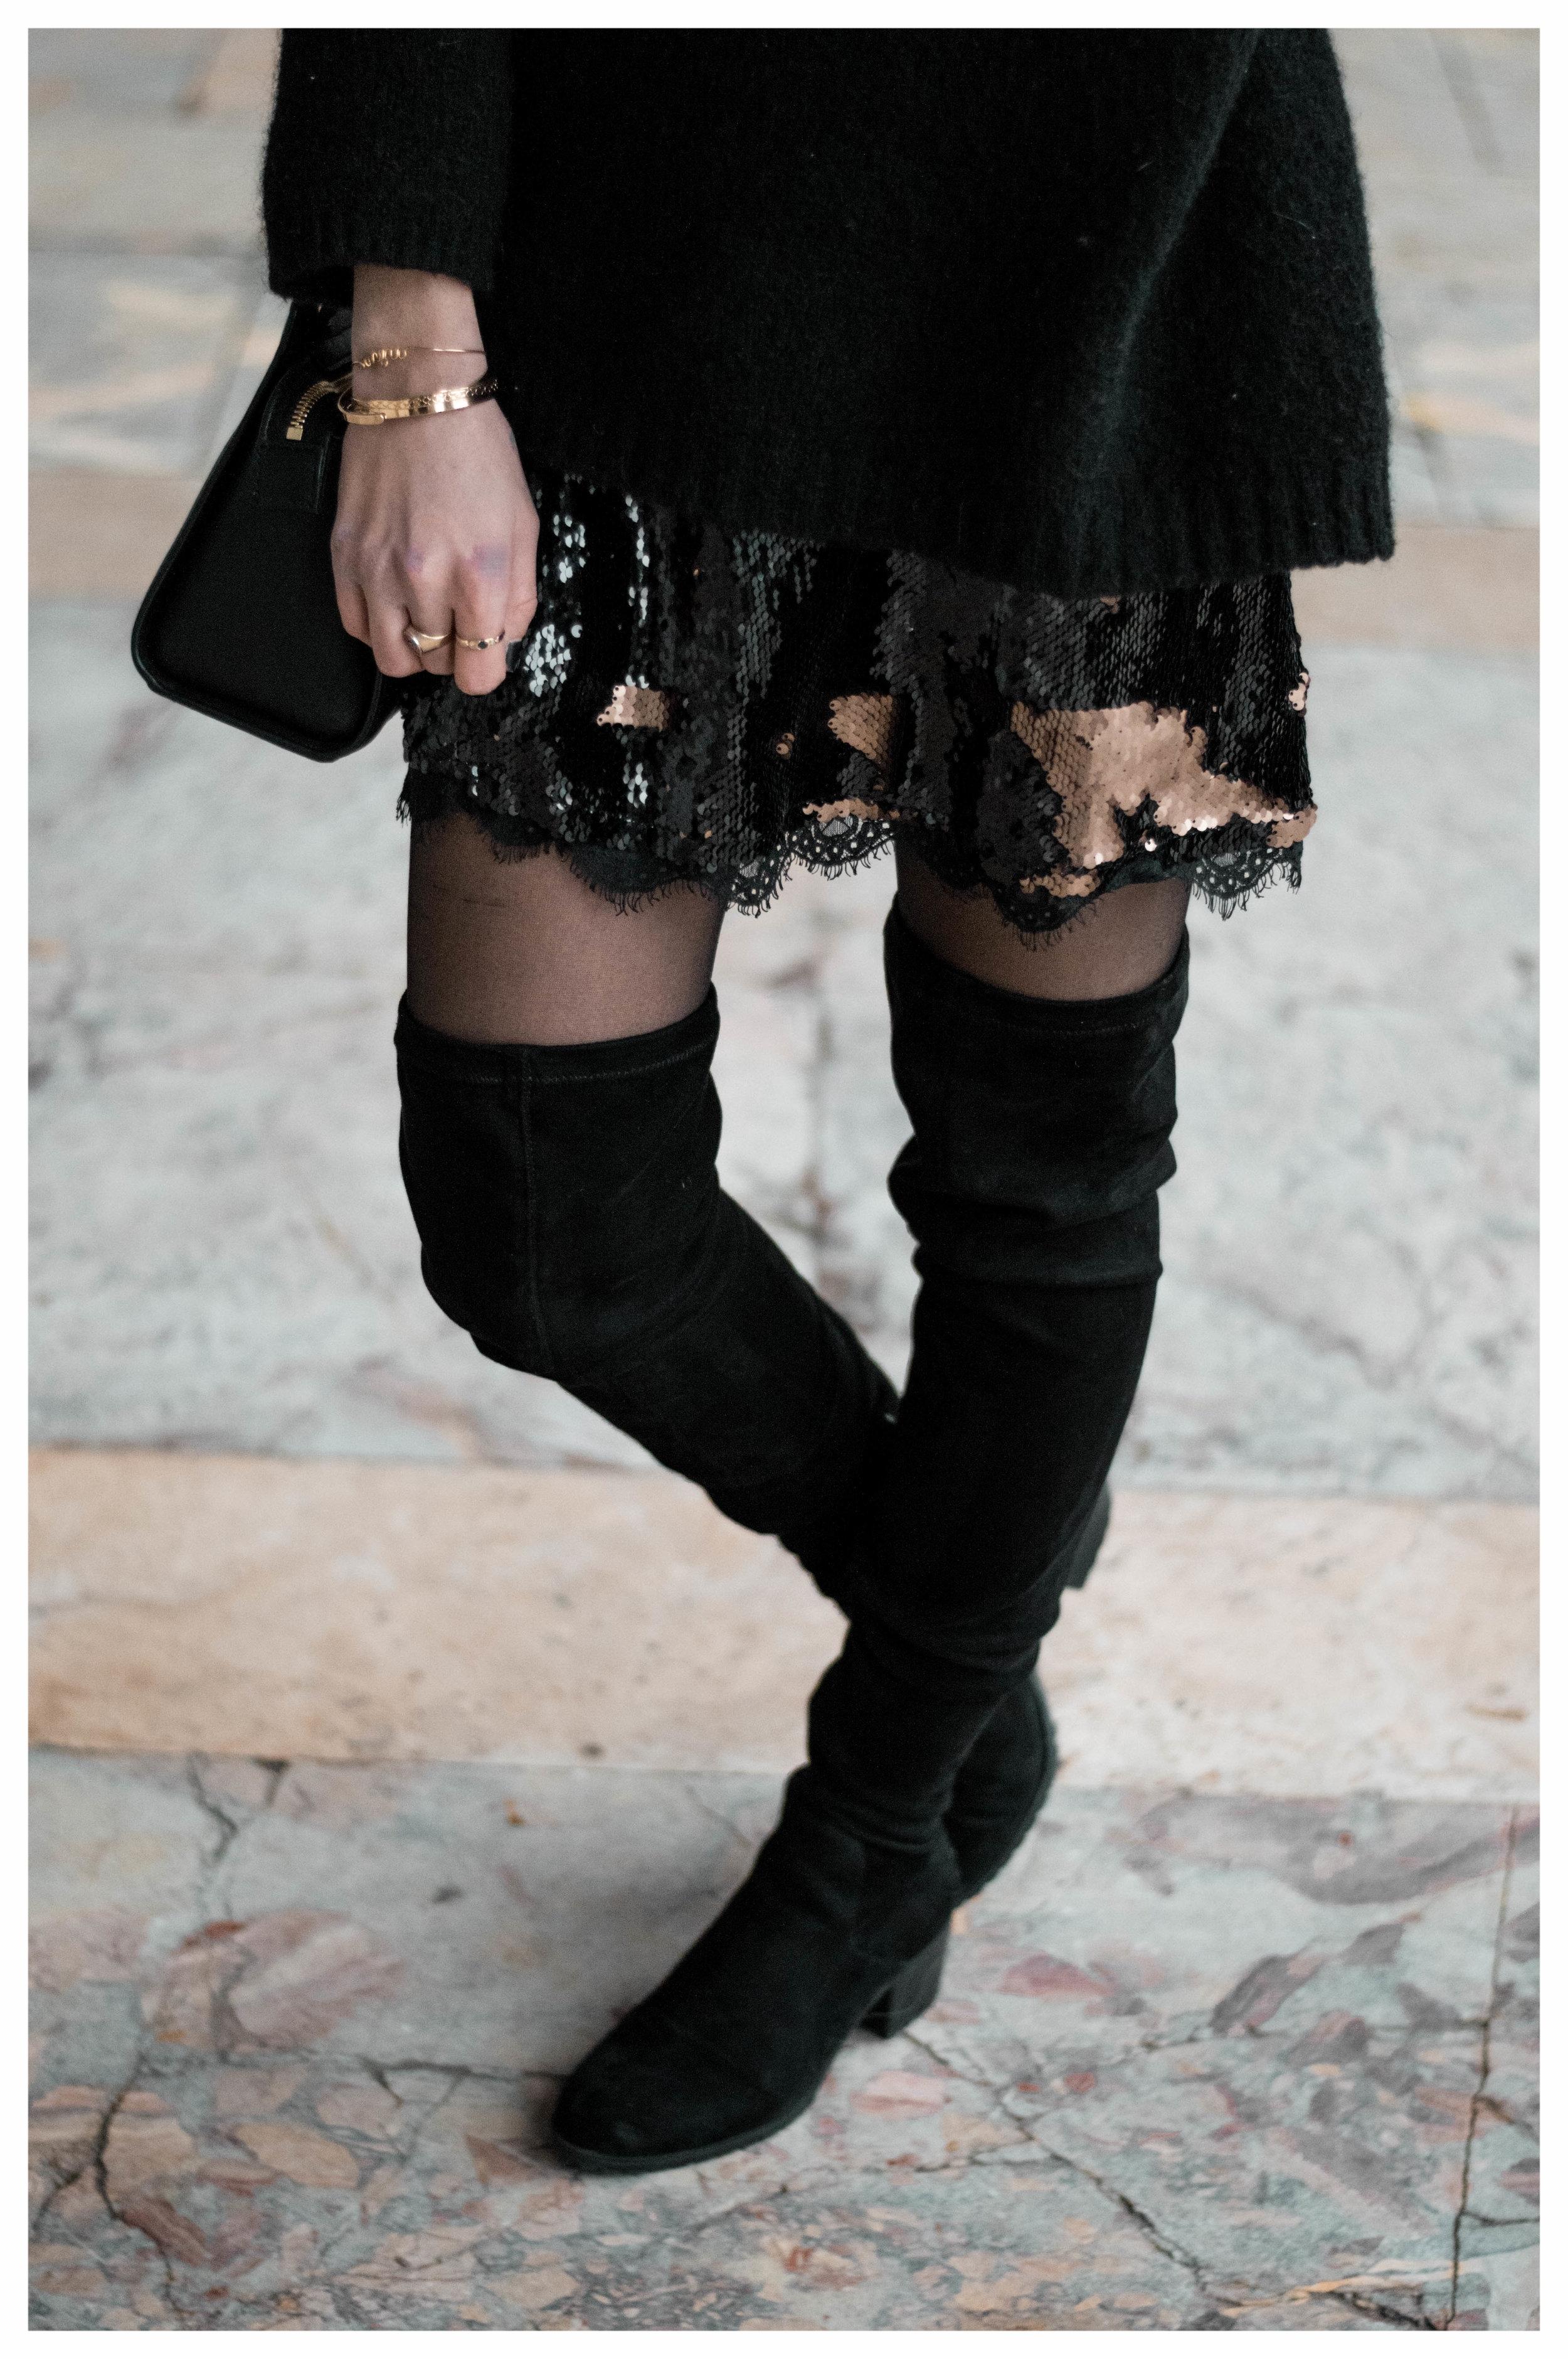 Party Dress Zalando - OSIARAH.COM (29 sur 41).jpg